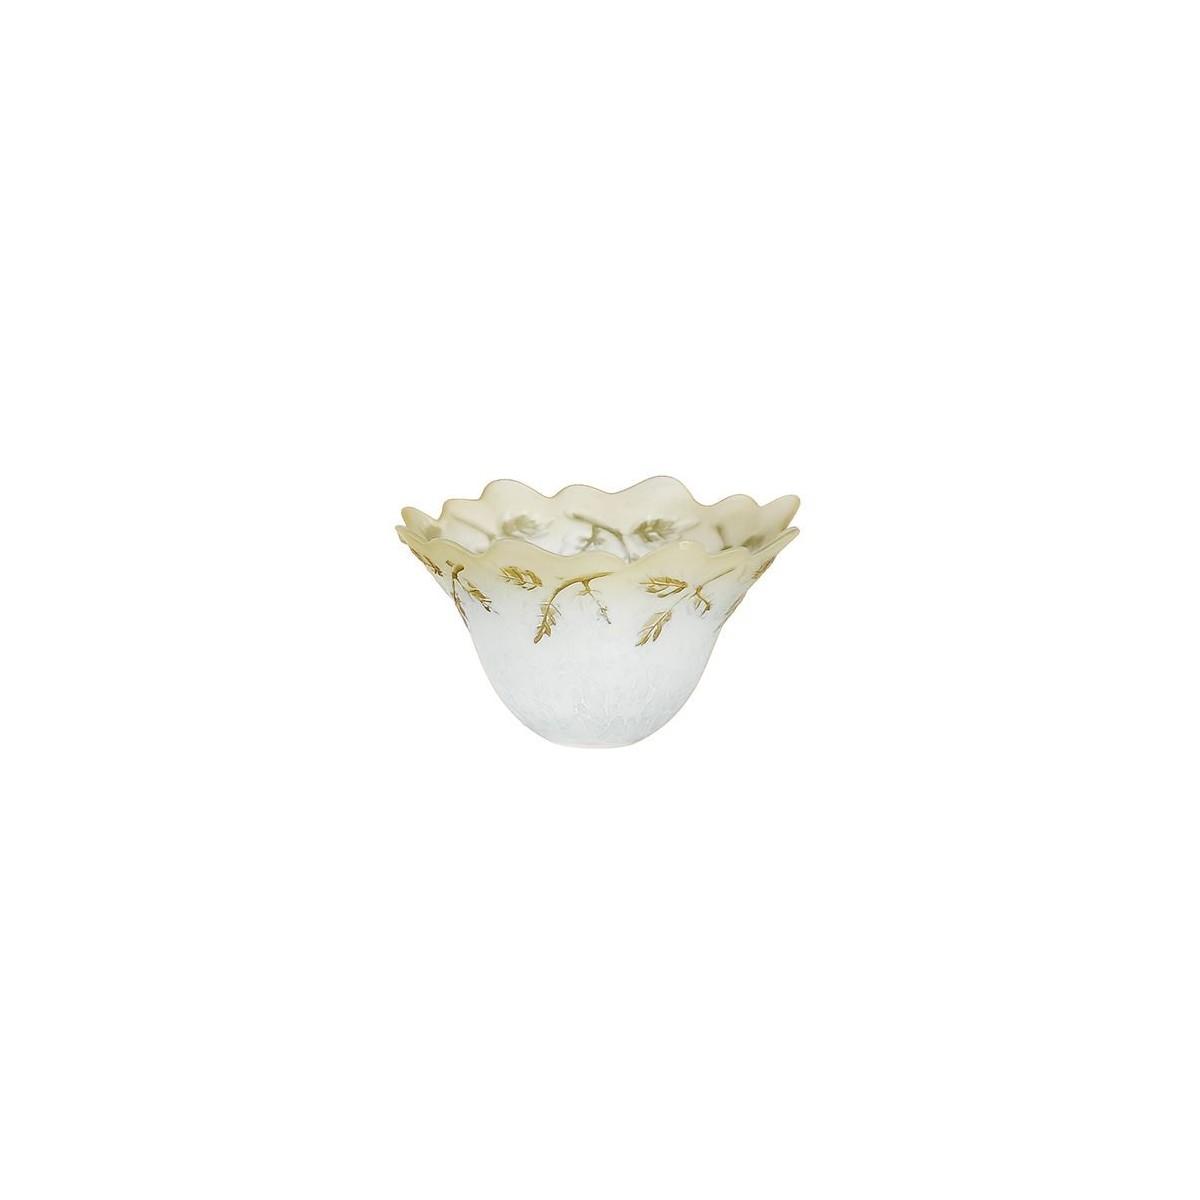 28011303201550 - Abat-jour en verre avec décoration florale ambre F30